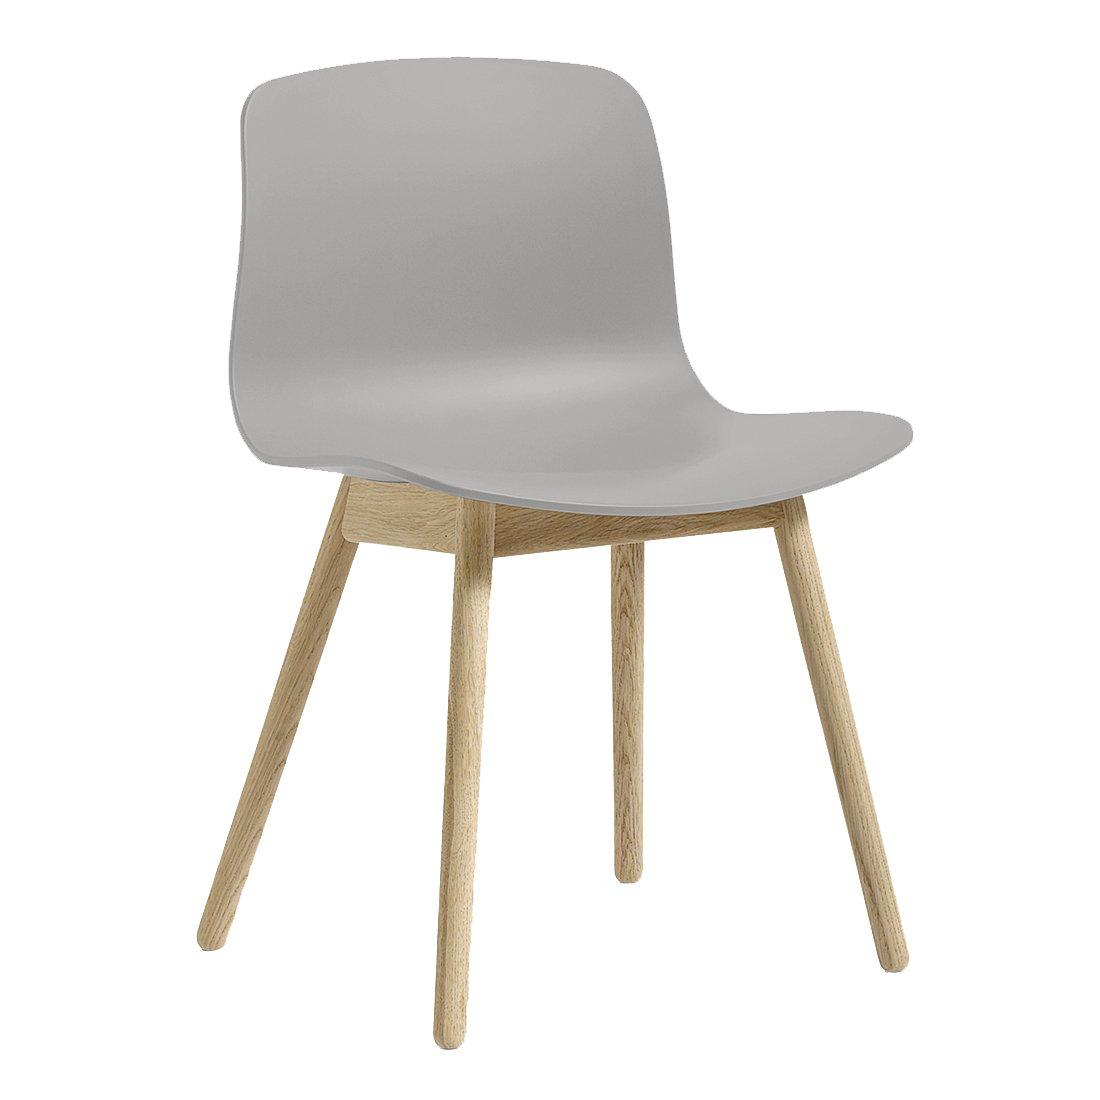 HAY About A Chair AAC 12 Stoel Gezeept Concrete Grijs